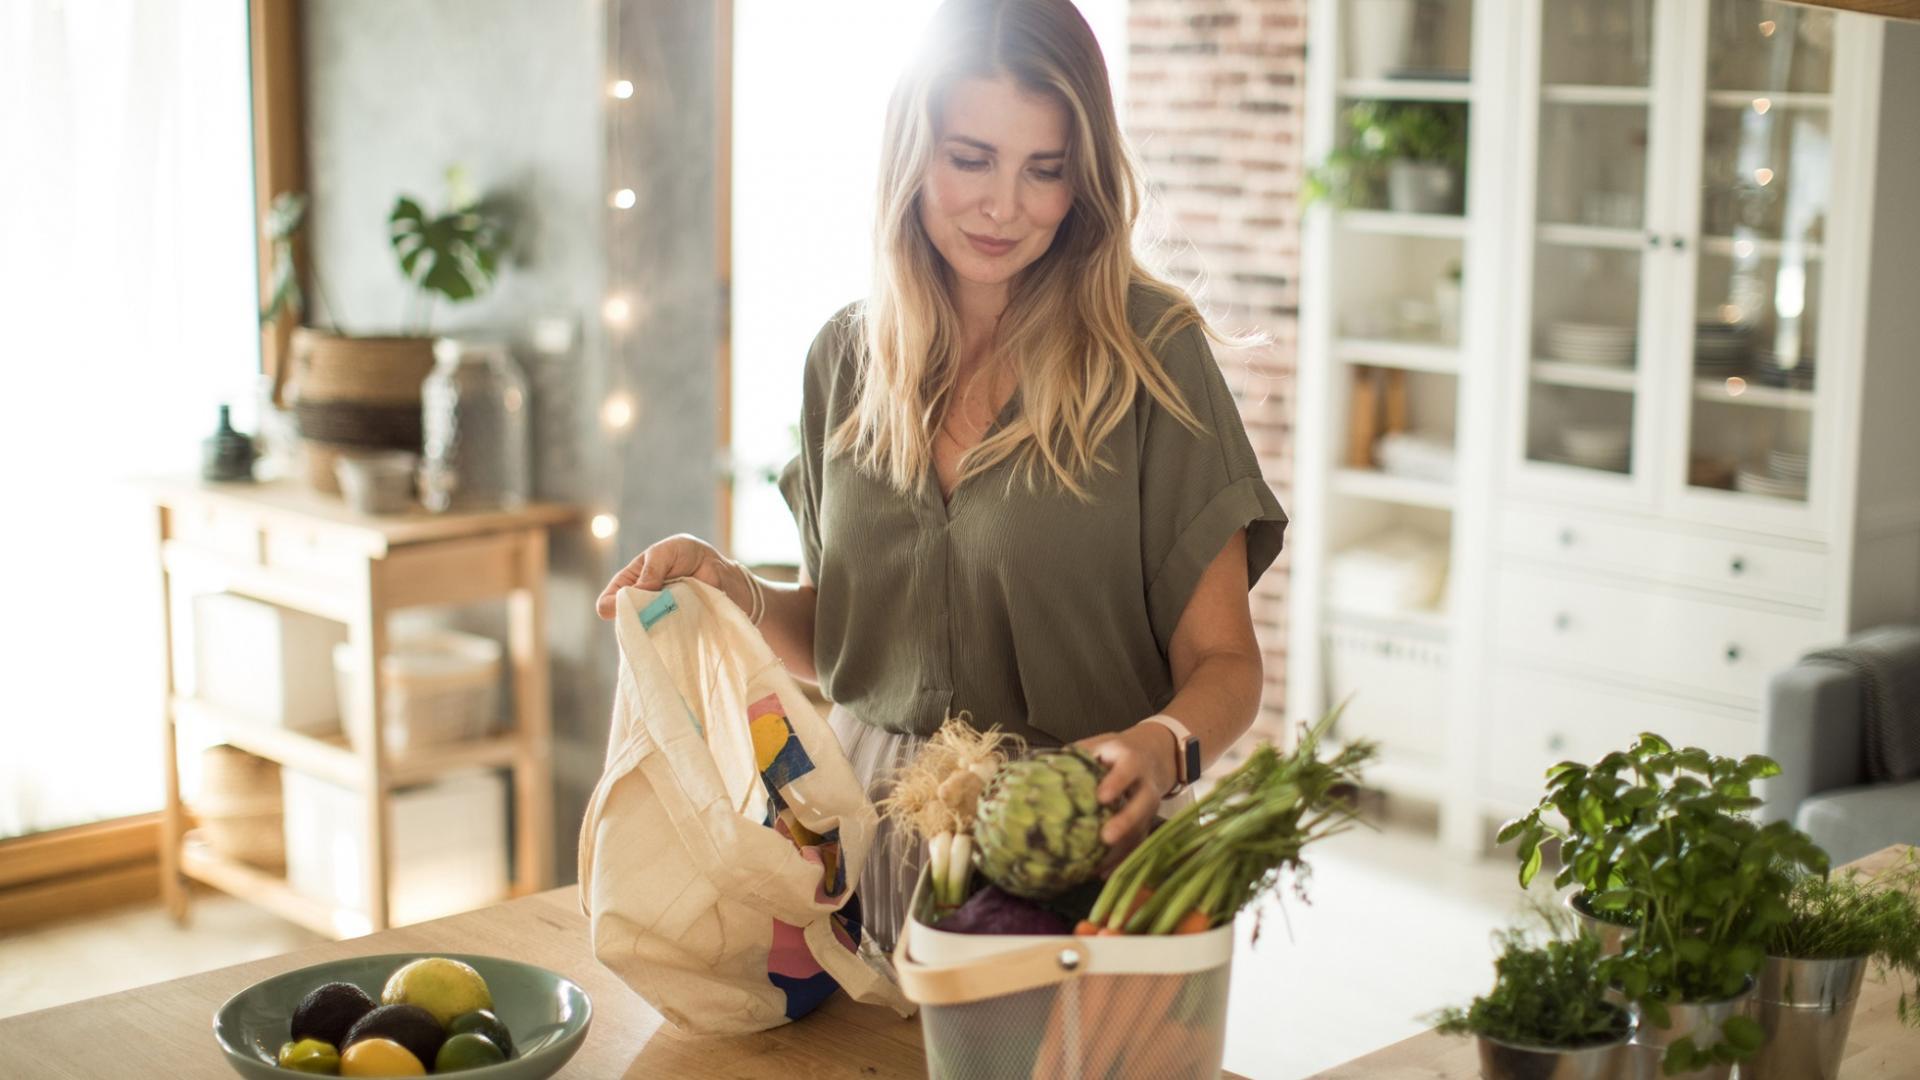 Lächelnde Frau in olivgrünen Shirt in Küche mit Gemüse